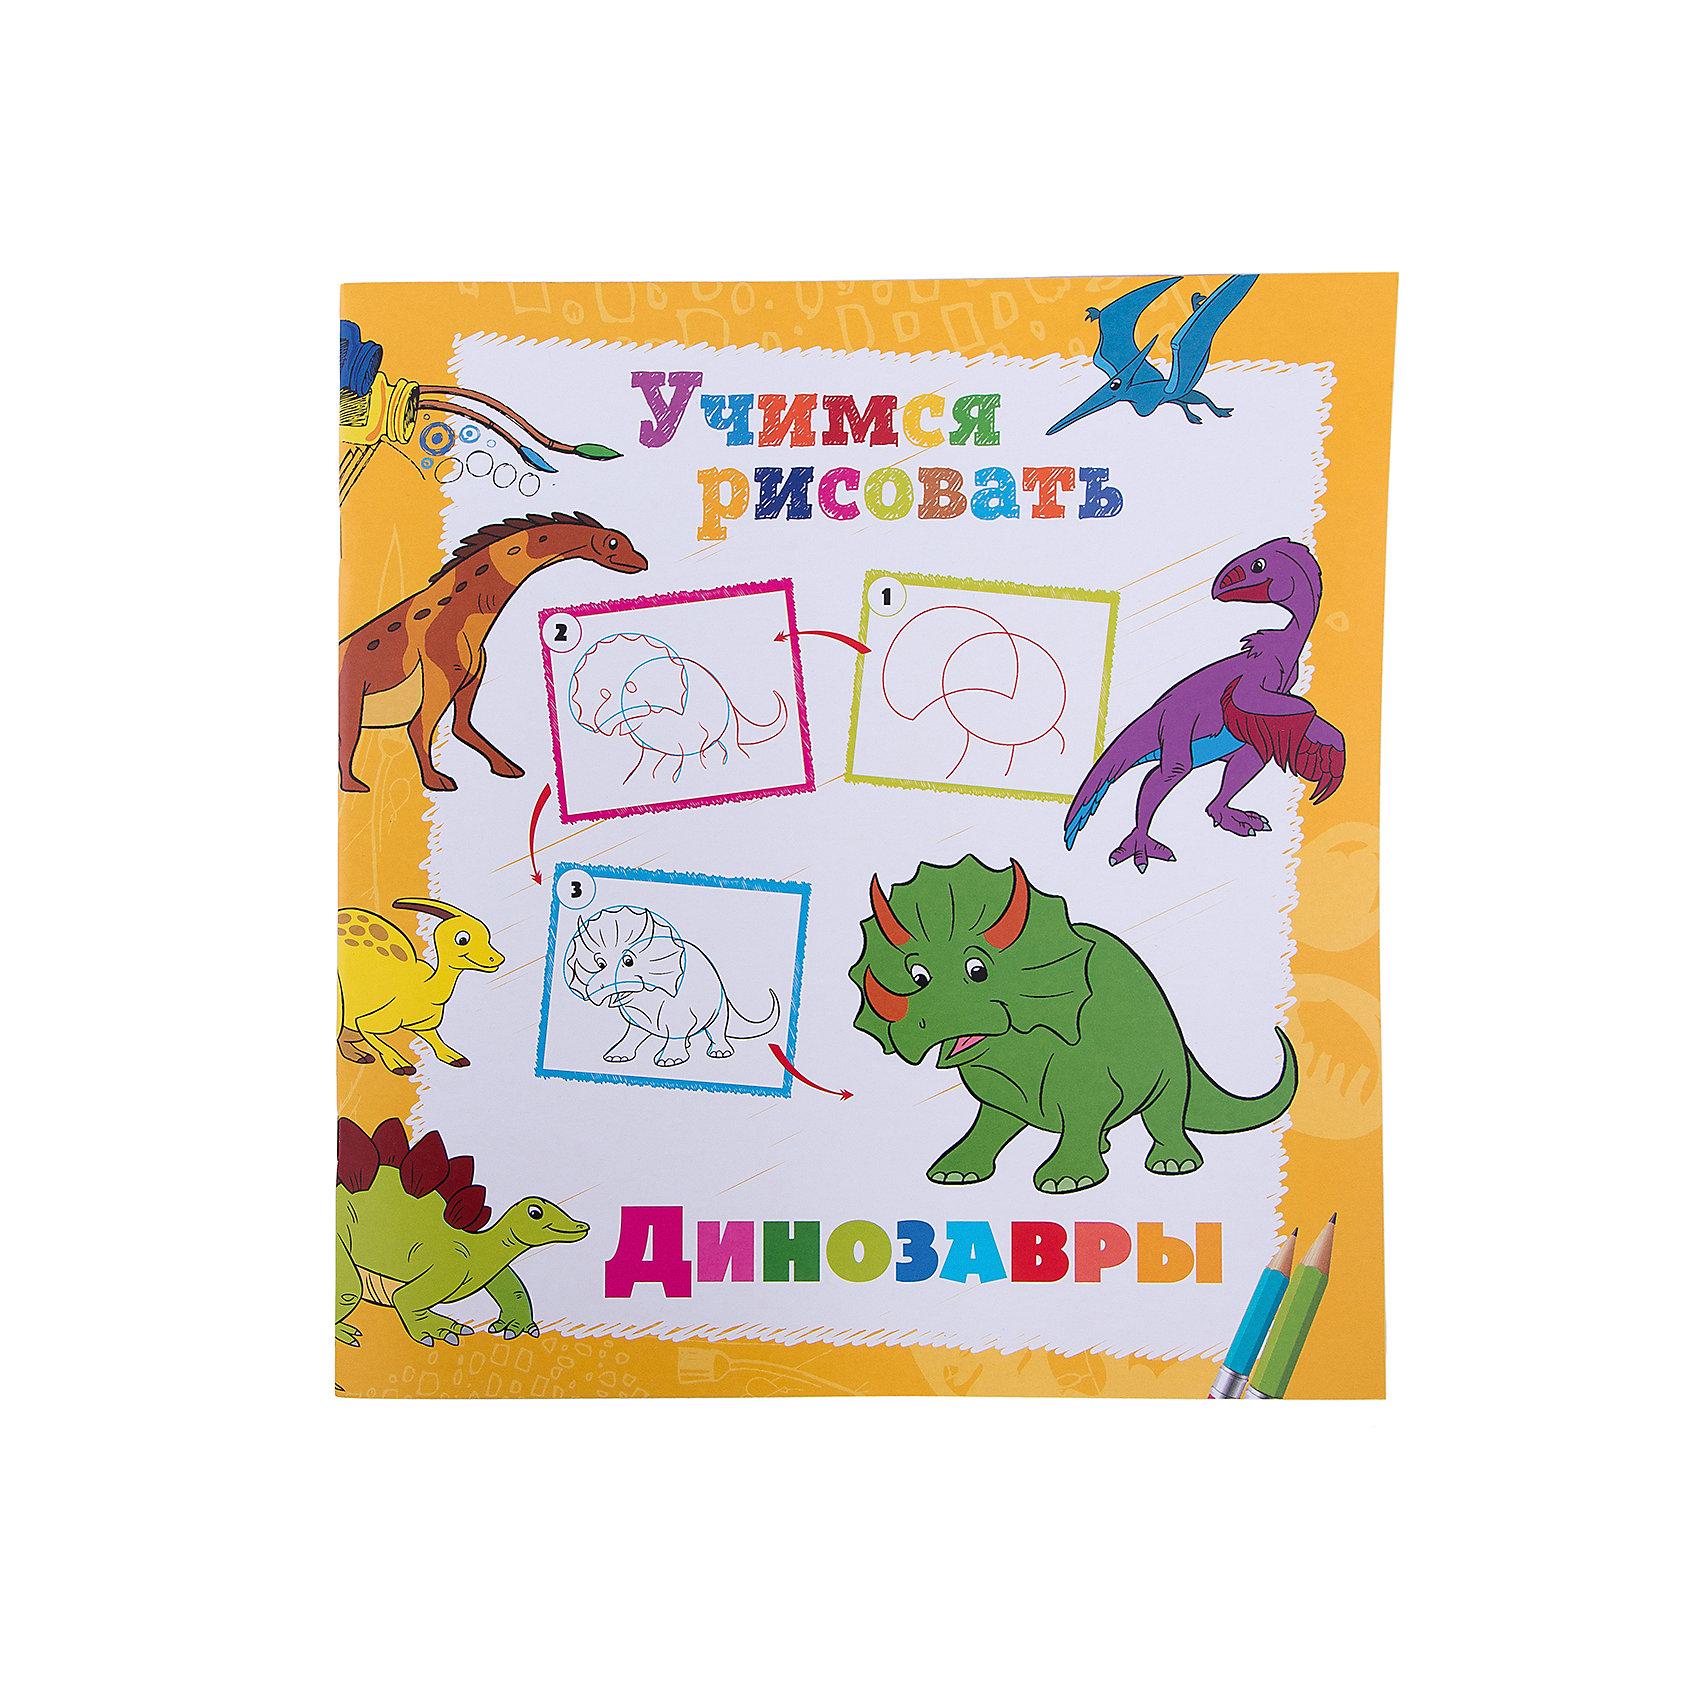 Книга Динозавры Учимся рисоватьКнига Динозавры Учимся рисовать – это уроки поэтапного рисования для детей.<br>Многие малыши обожают рисовать! Рисование и раскрашивание - это не только интересное, но и очень полезное занятие. С книгой-раскраской «Динозавры» серии «Учимся рисовать» заниматься рисованием очень весело. Ваш ребенок сможет научиться рисовать доисторических животных, воспользовавшись пошаговыми советами художника. Книга поможет развить внимательность, мелкую моторику, творческие способности.<br><br>Дополнительная информация:<br><br>- Издательство: Новый диск, 2016 г.<br>- Серия: Учимся рисовать<br>- Тип обложки: мягкий переплет (крепление скрепкой или клеем)<br>- Иллюстрации: цветные, черно-белые<br>- Количество страниц: 24 (офсет)<br>- Размер: 290x280x2 мм.<br>- Вес: 114 гр.<br><br>Книгу Динозавры Учимся рисовать можно купить в нашем интернет-магазине.<br><br>Ширина мм: 280<br>Глубина мм: 3<br>Высота мм: 290<br>Вес г: 112<br>Возраст от месяцев: 36<br>Возраст до месяцев: 84<br>Пол: Унисекс<br>Возраст: Детский<br>SKU: 4664436